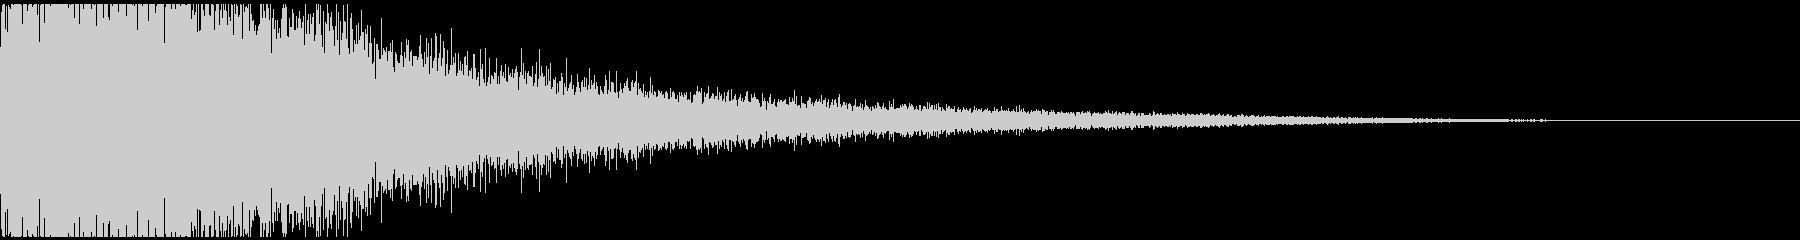 派手なドラの音(ヴァーン)2の未再生の波形